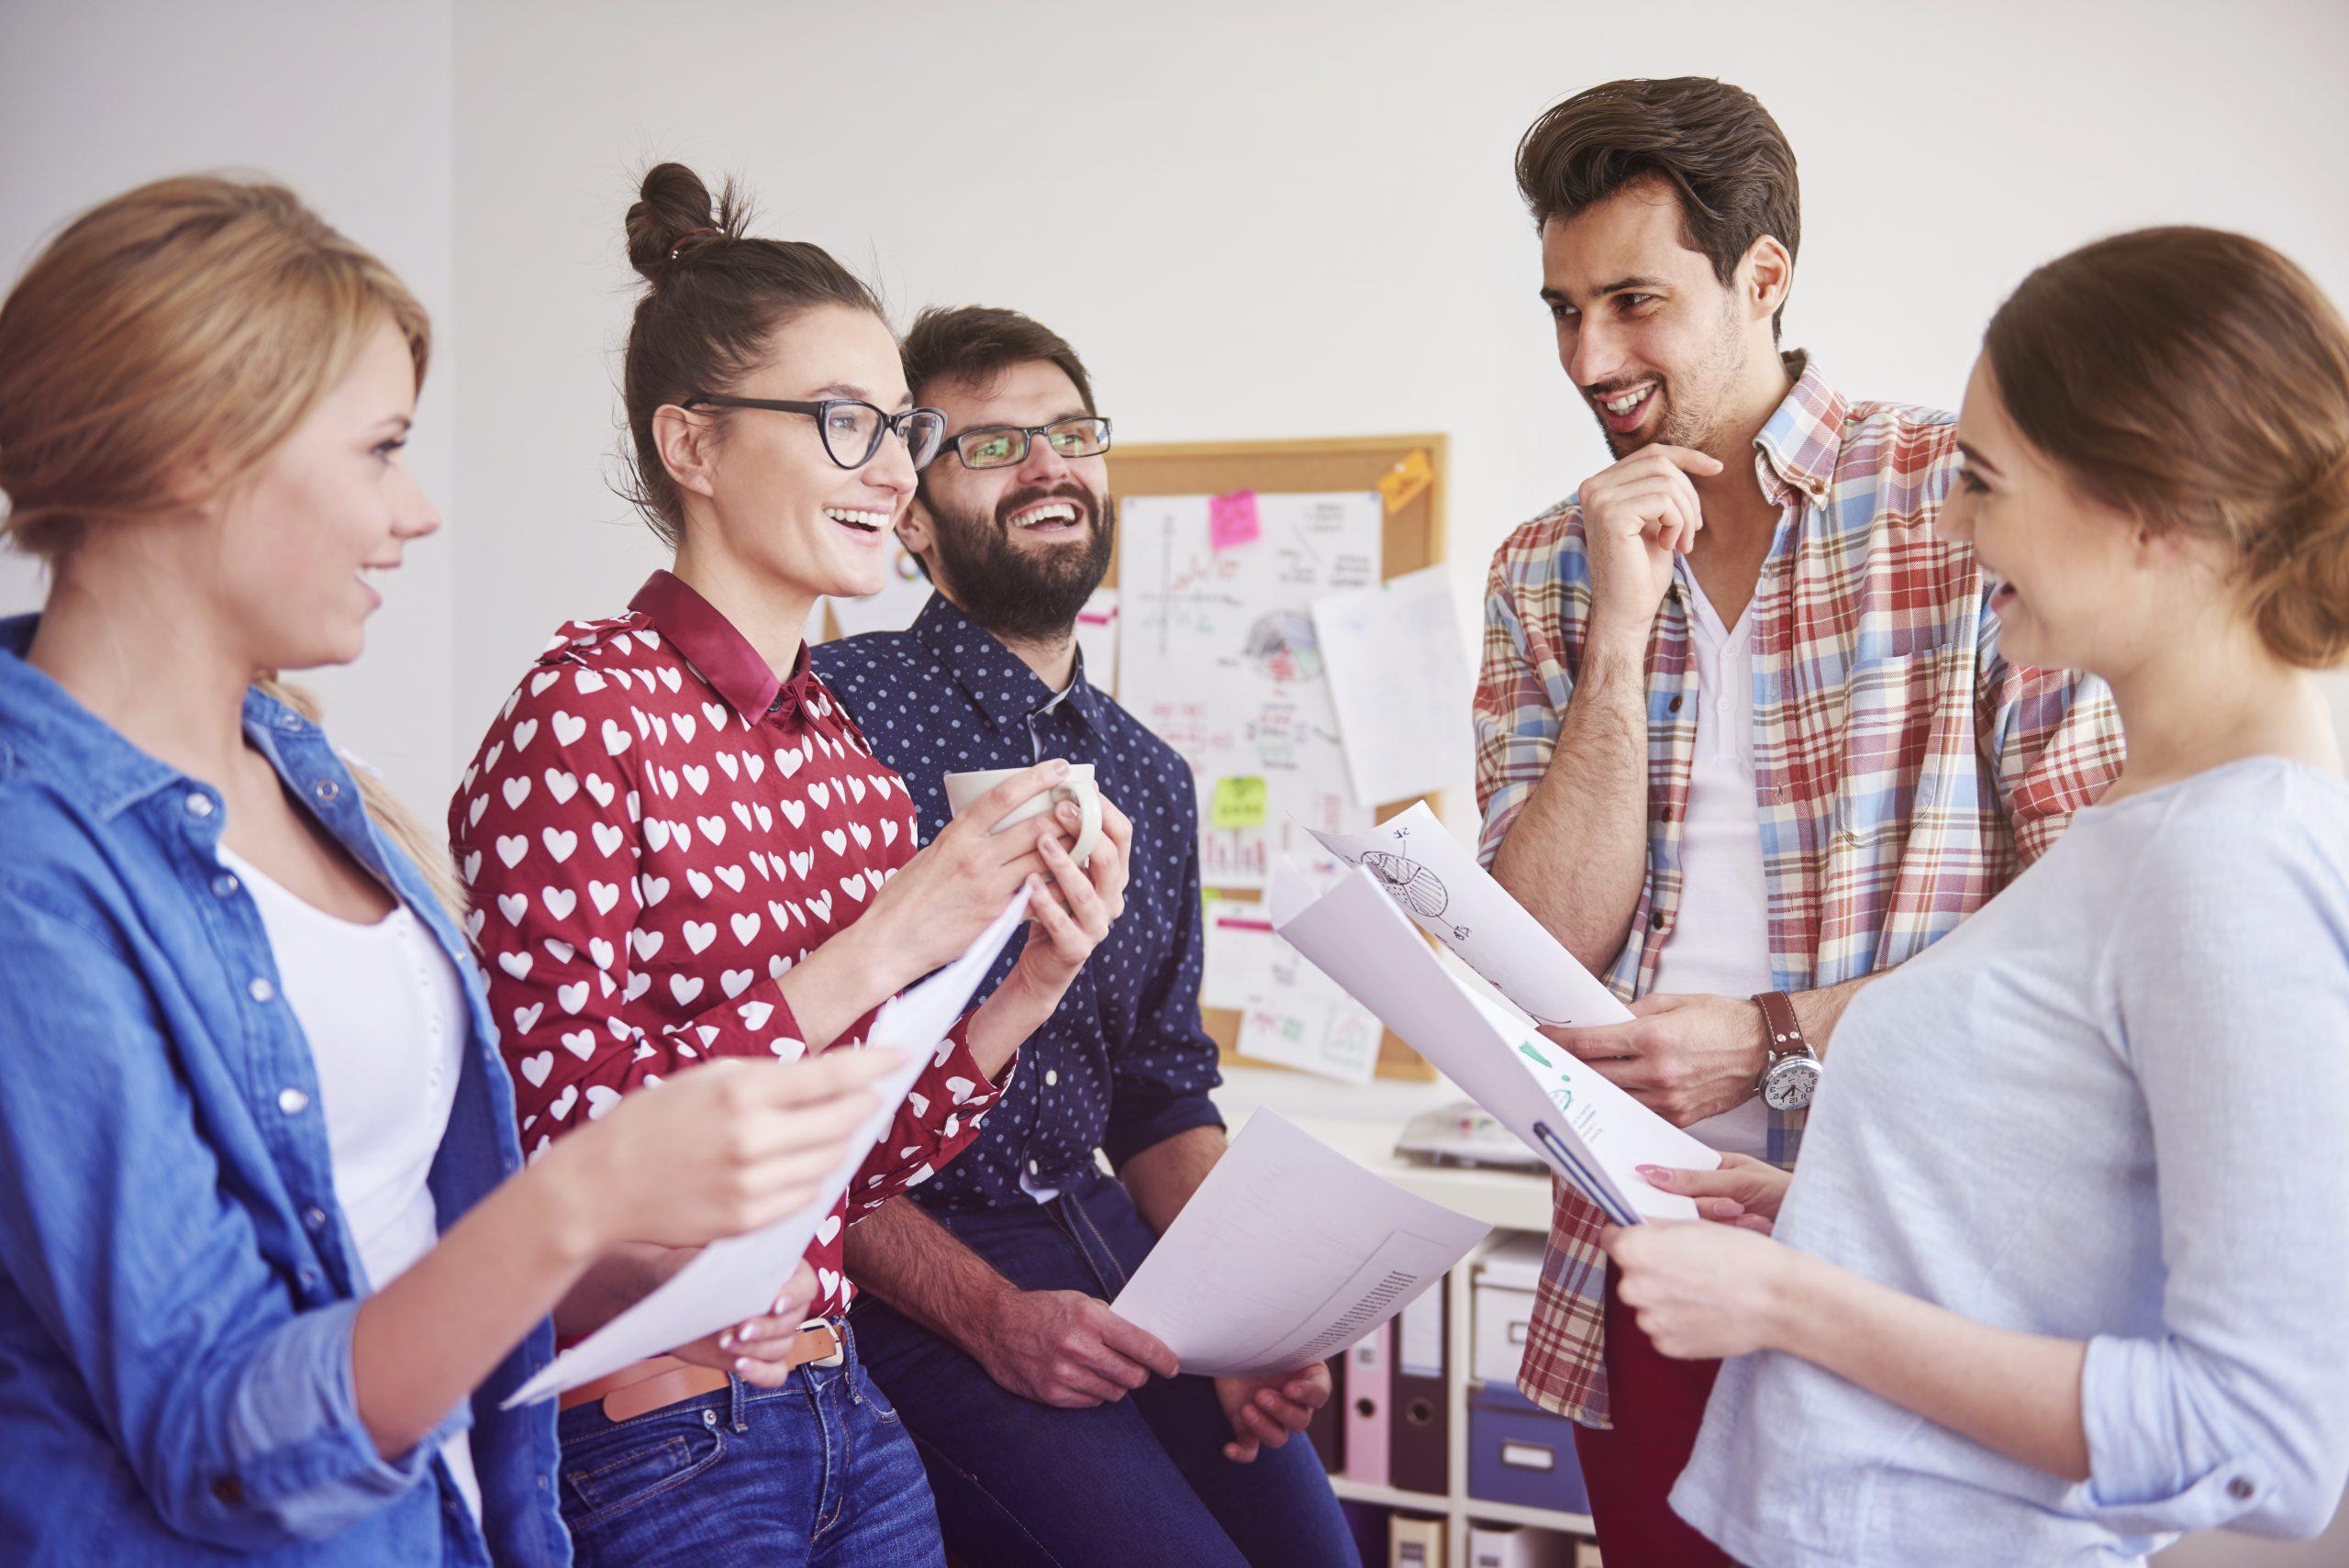 Técnicas de mindfulness para liderazgos efectivos